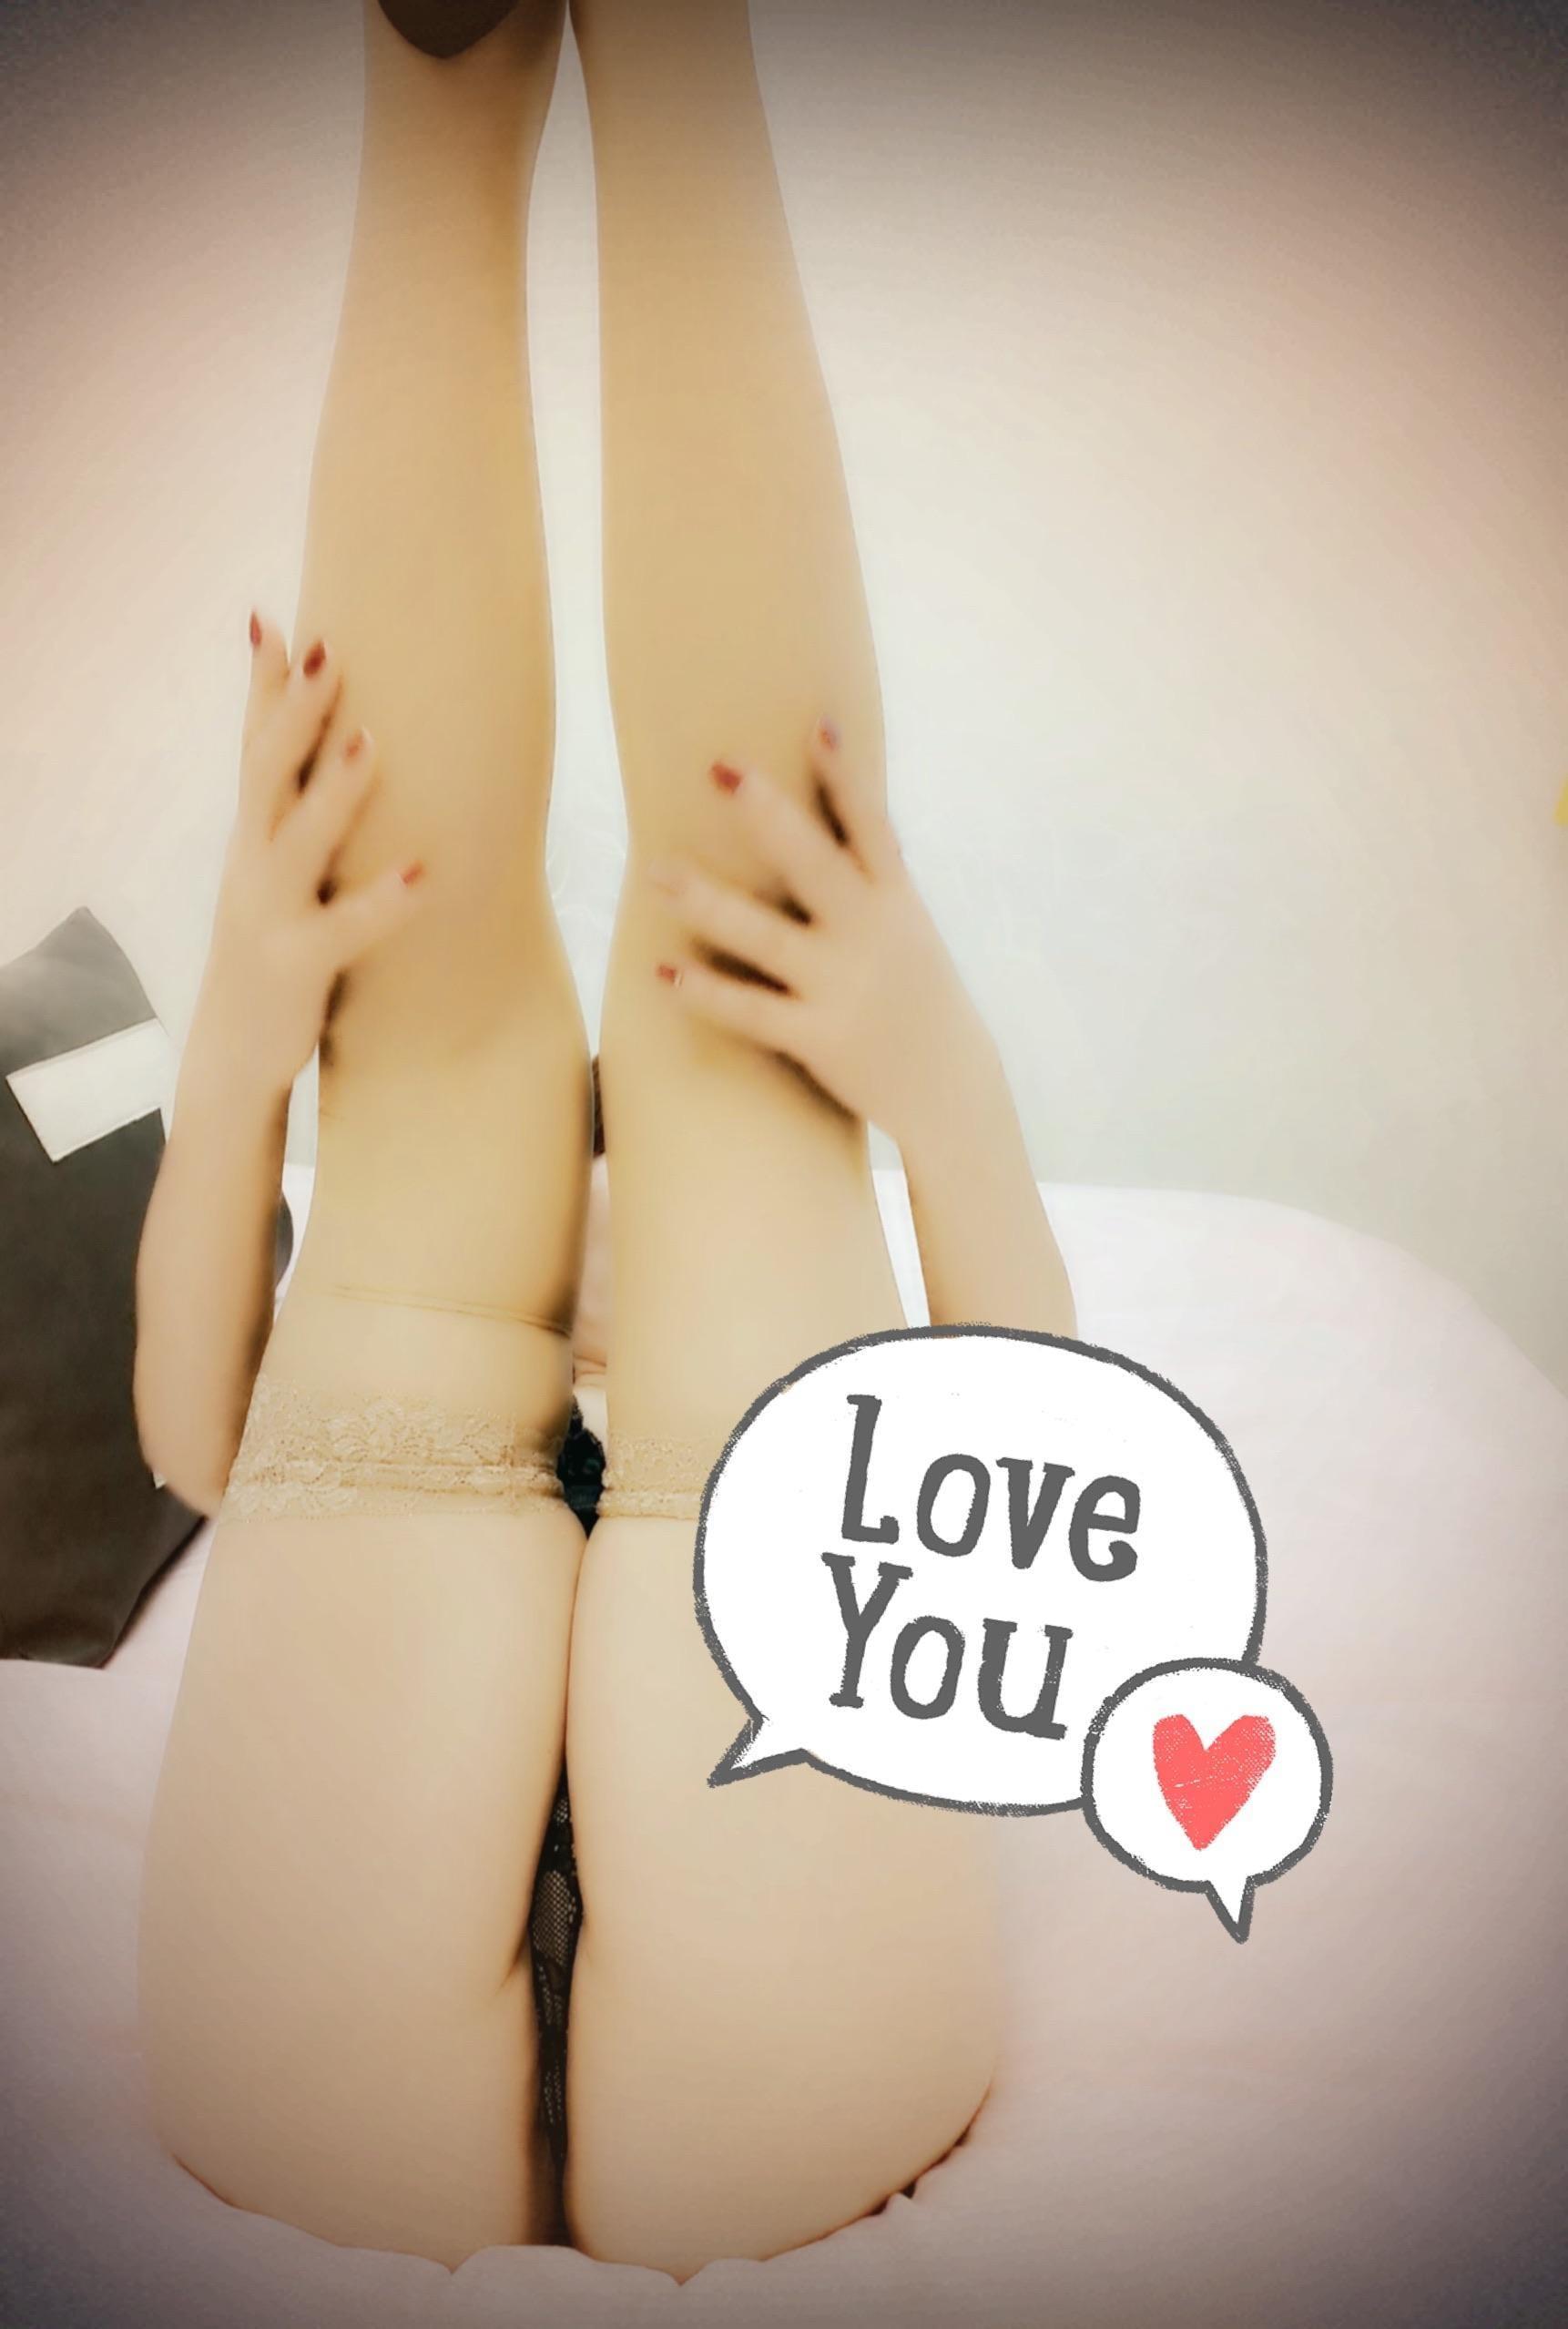 「おはようございます٩(*´꒳`*)۶」12/06(12/06) 10:32 | かがりの写メ・風俗動画